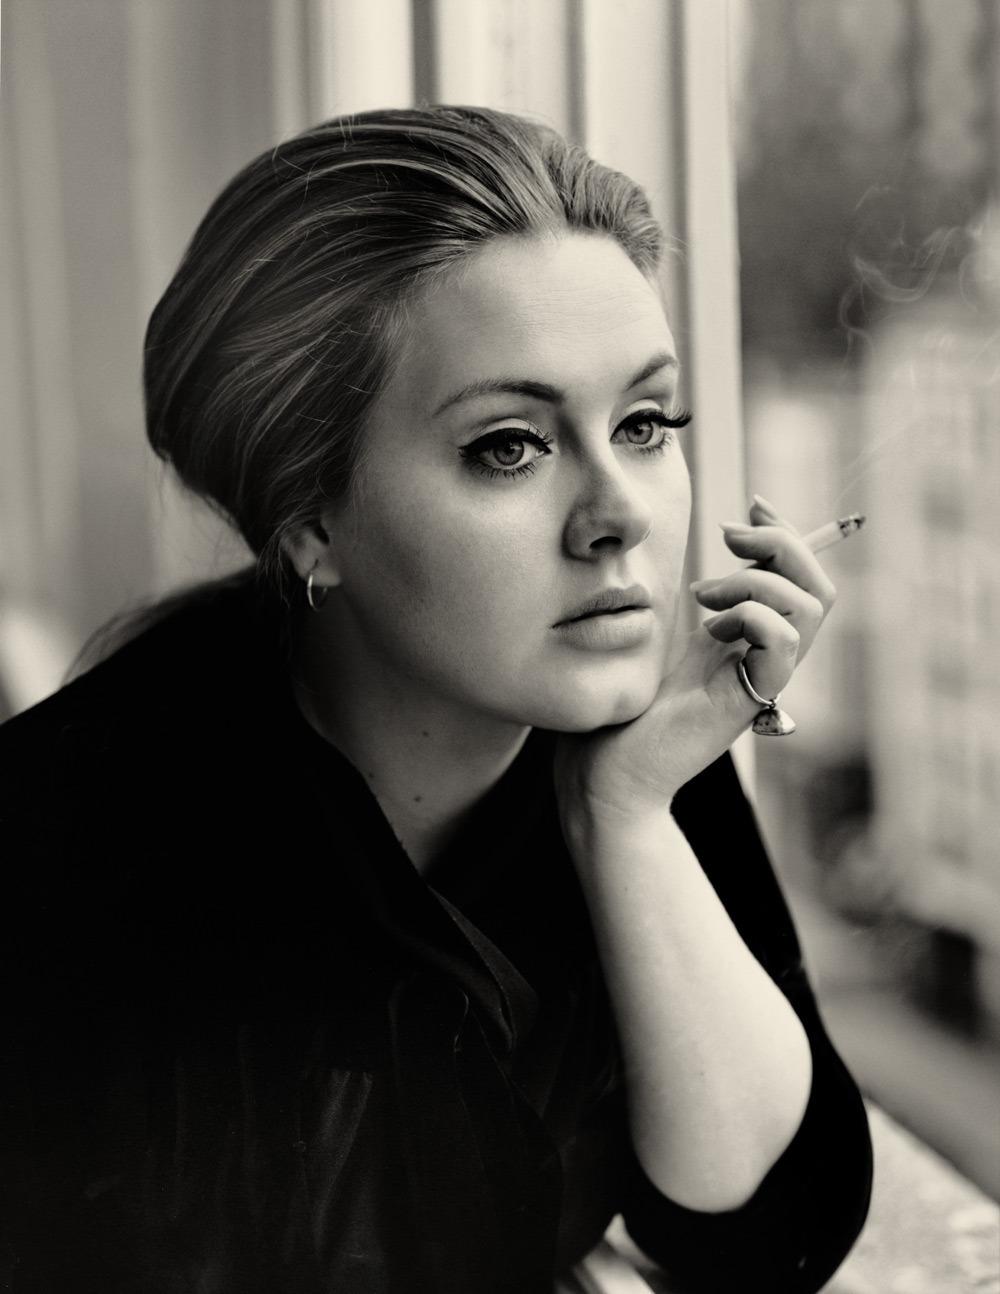 Yes Adele!